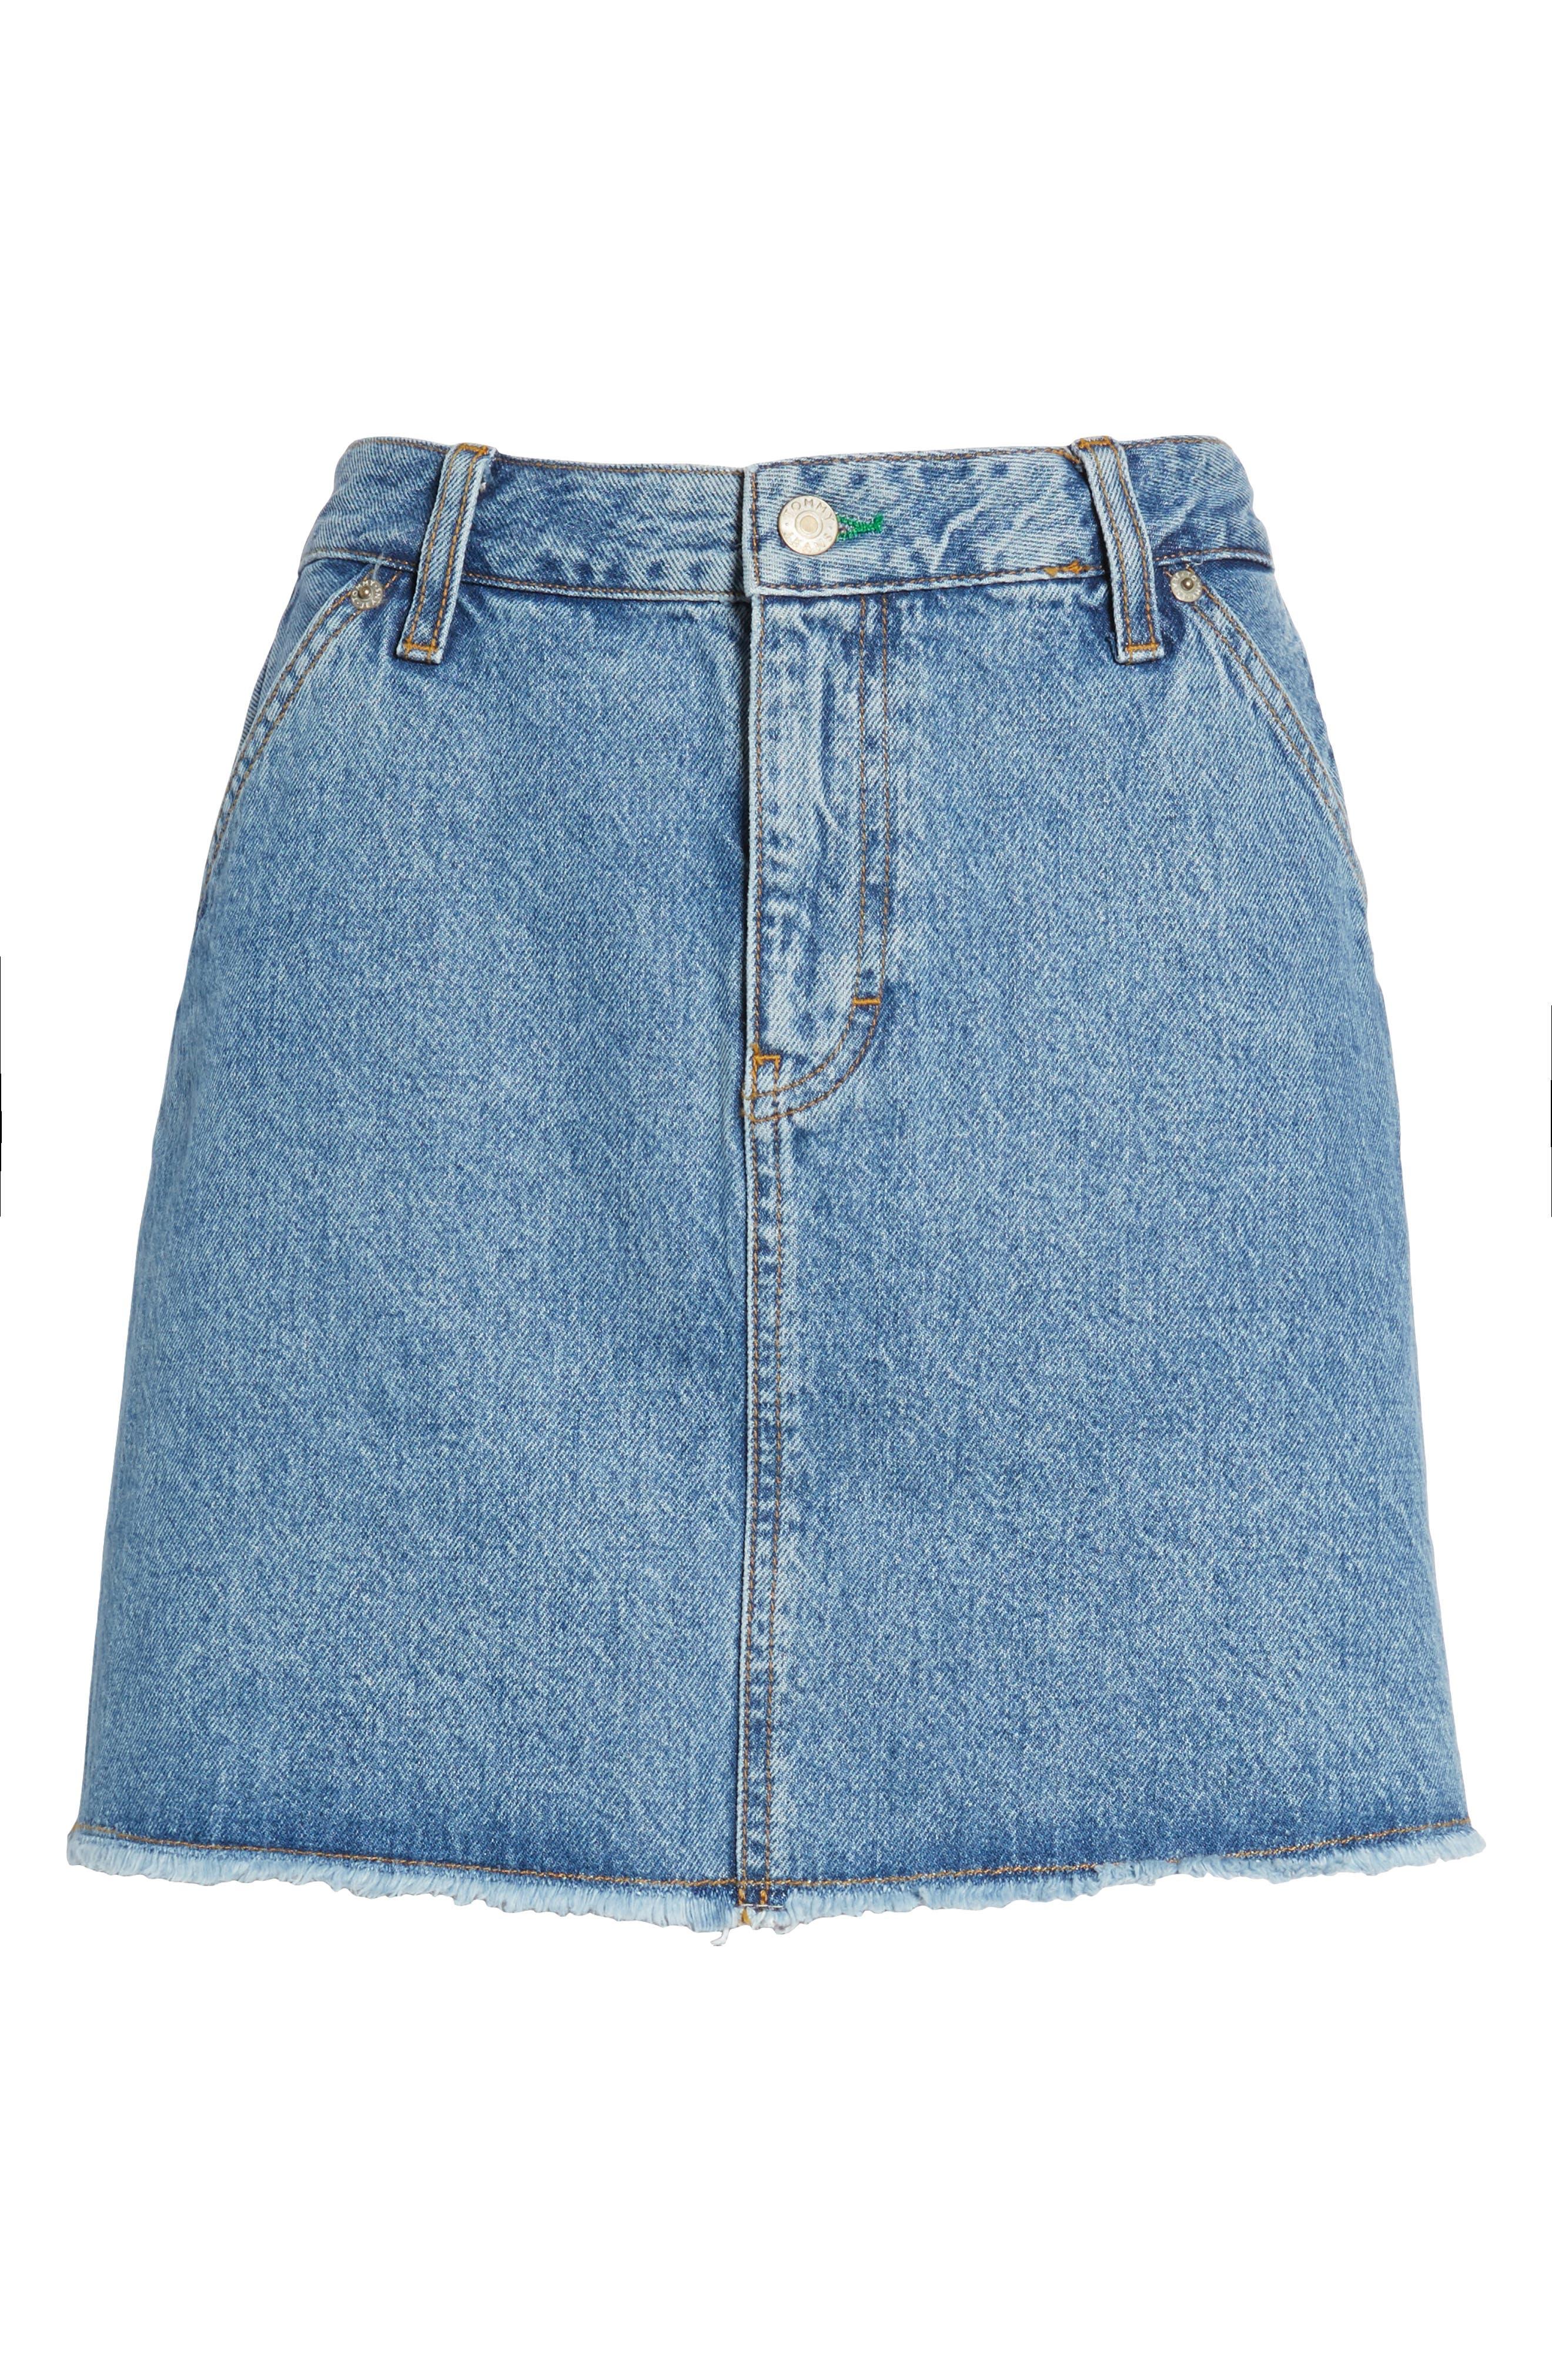 90s Denim Skirt,                             Alternate thumbnail 7, color,                             Mid Blue Denim